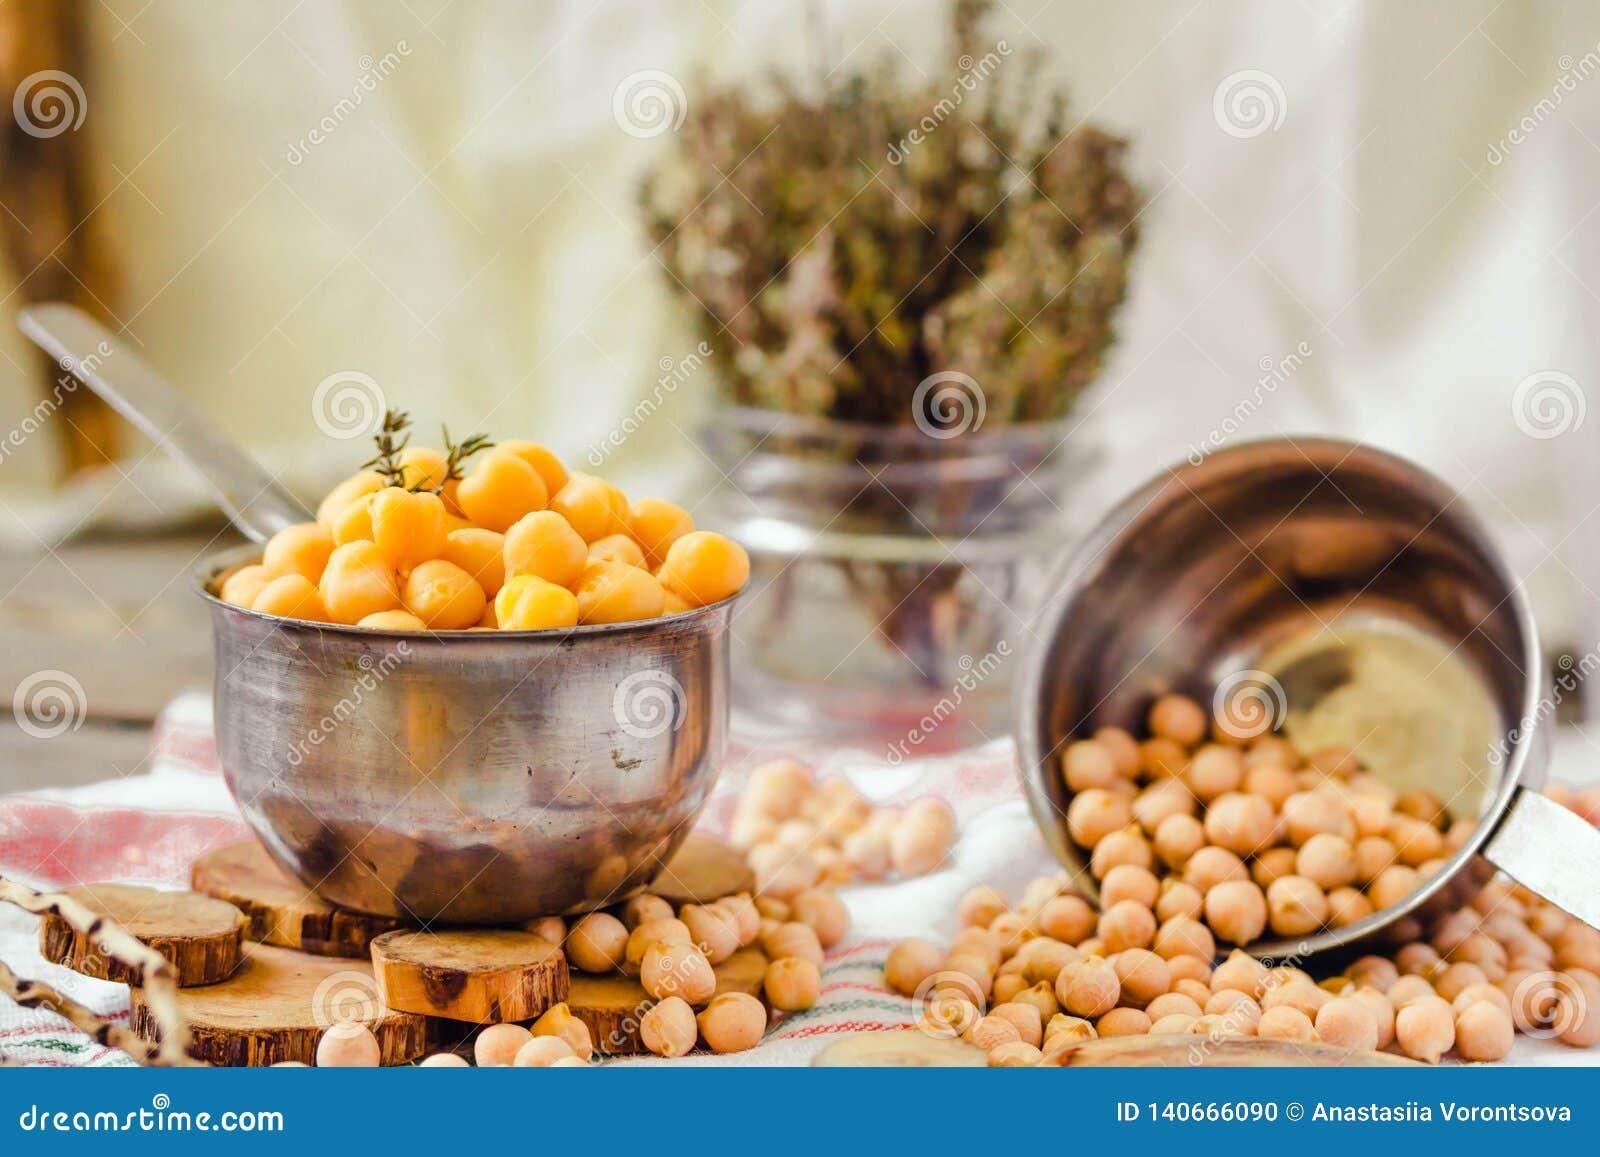 Wysuszeni i gotowani chickpeas Jarska proteina Susi tymiankowi sprigs w słoju Zdrowy styl życia i zrównoważony karmowy pojęcie se